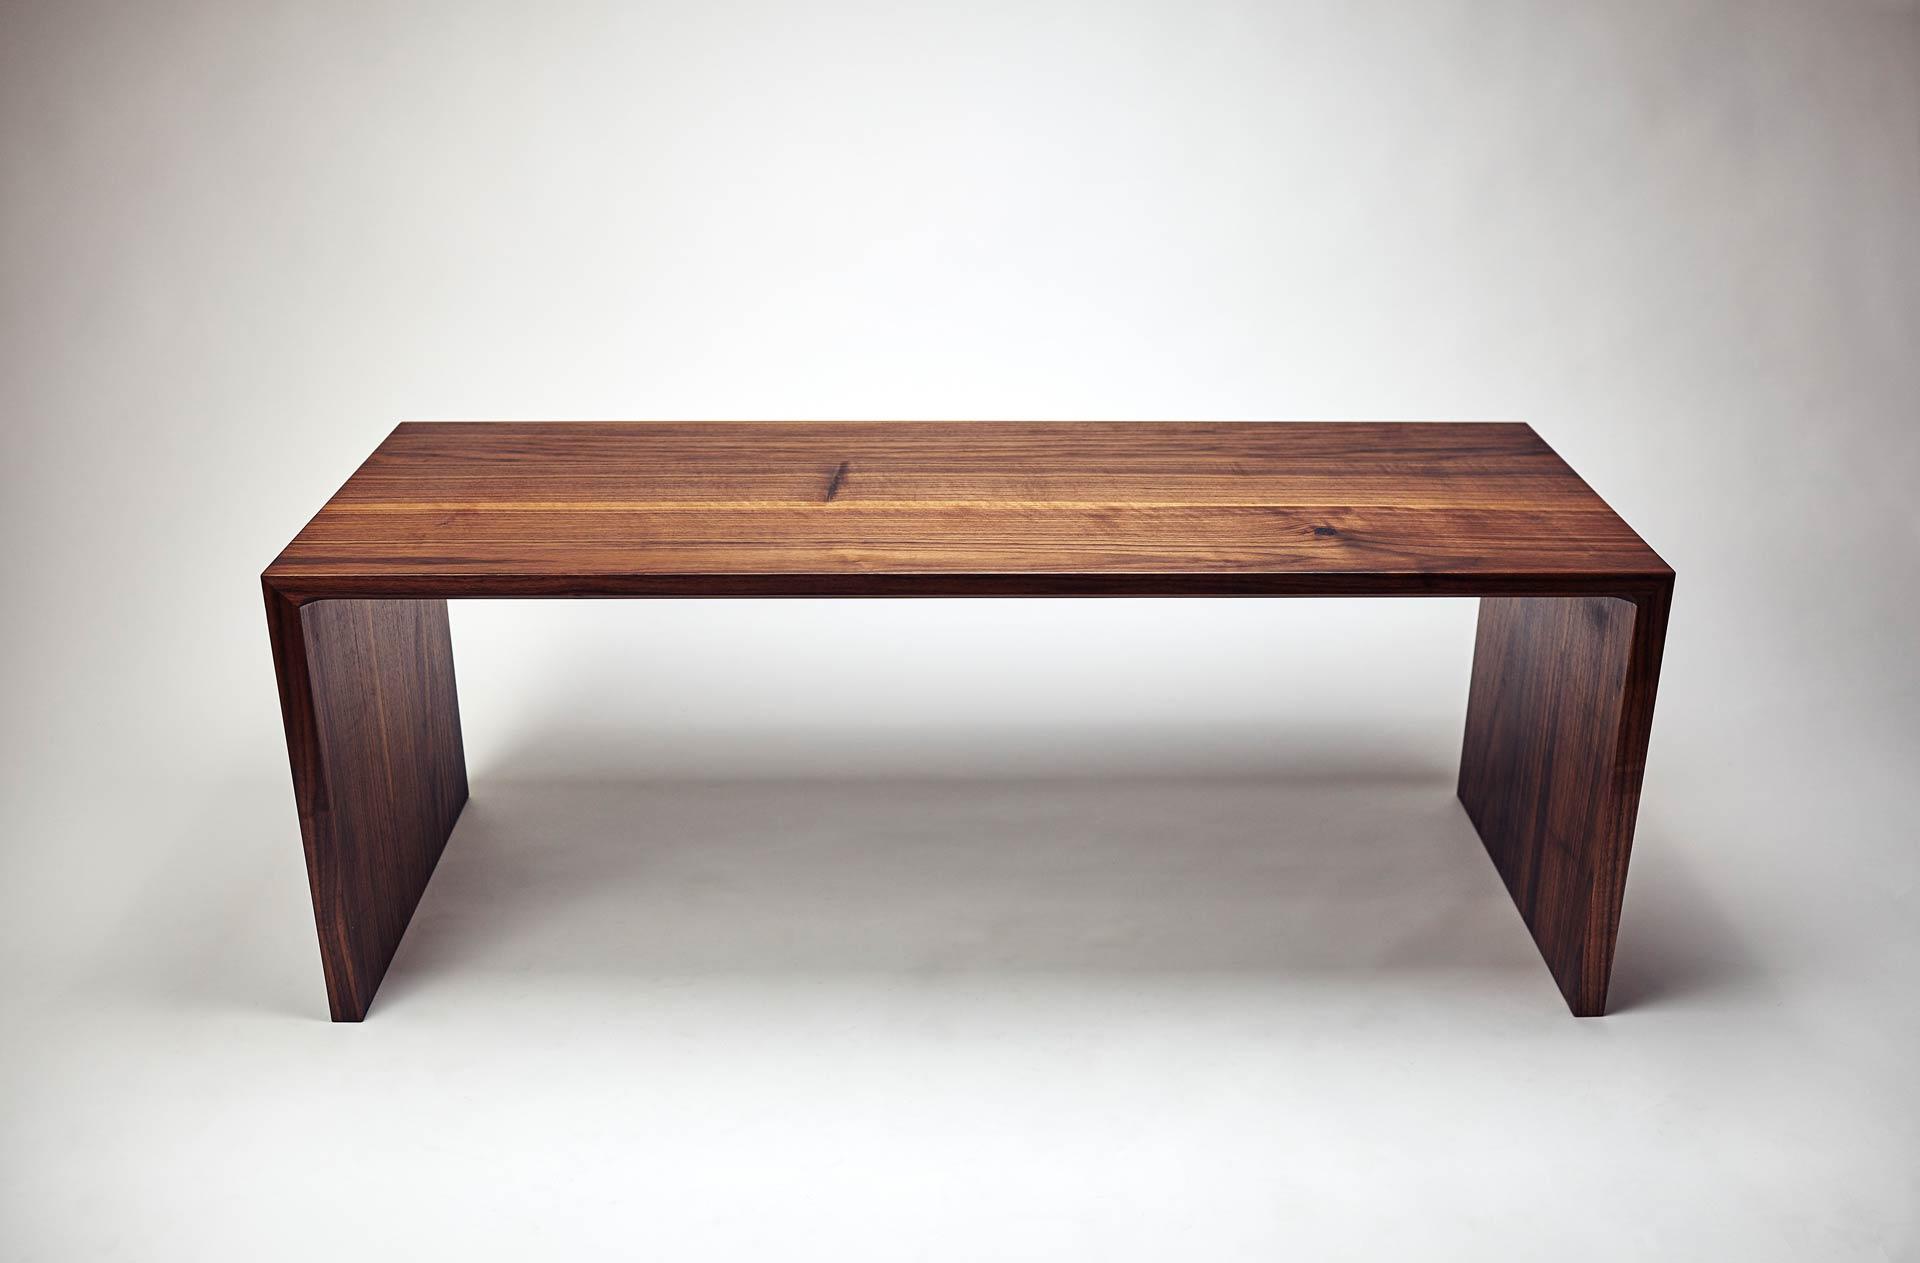 Designer Sitzbank aus massiven Nussholz. Die Sitzfläche wirkt durch die schräge Fräsung auf der Längsseite dezenter als die Seitenteile.